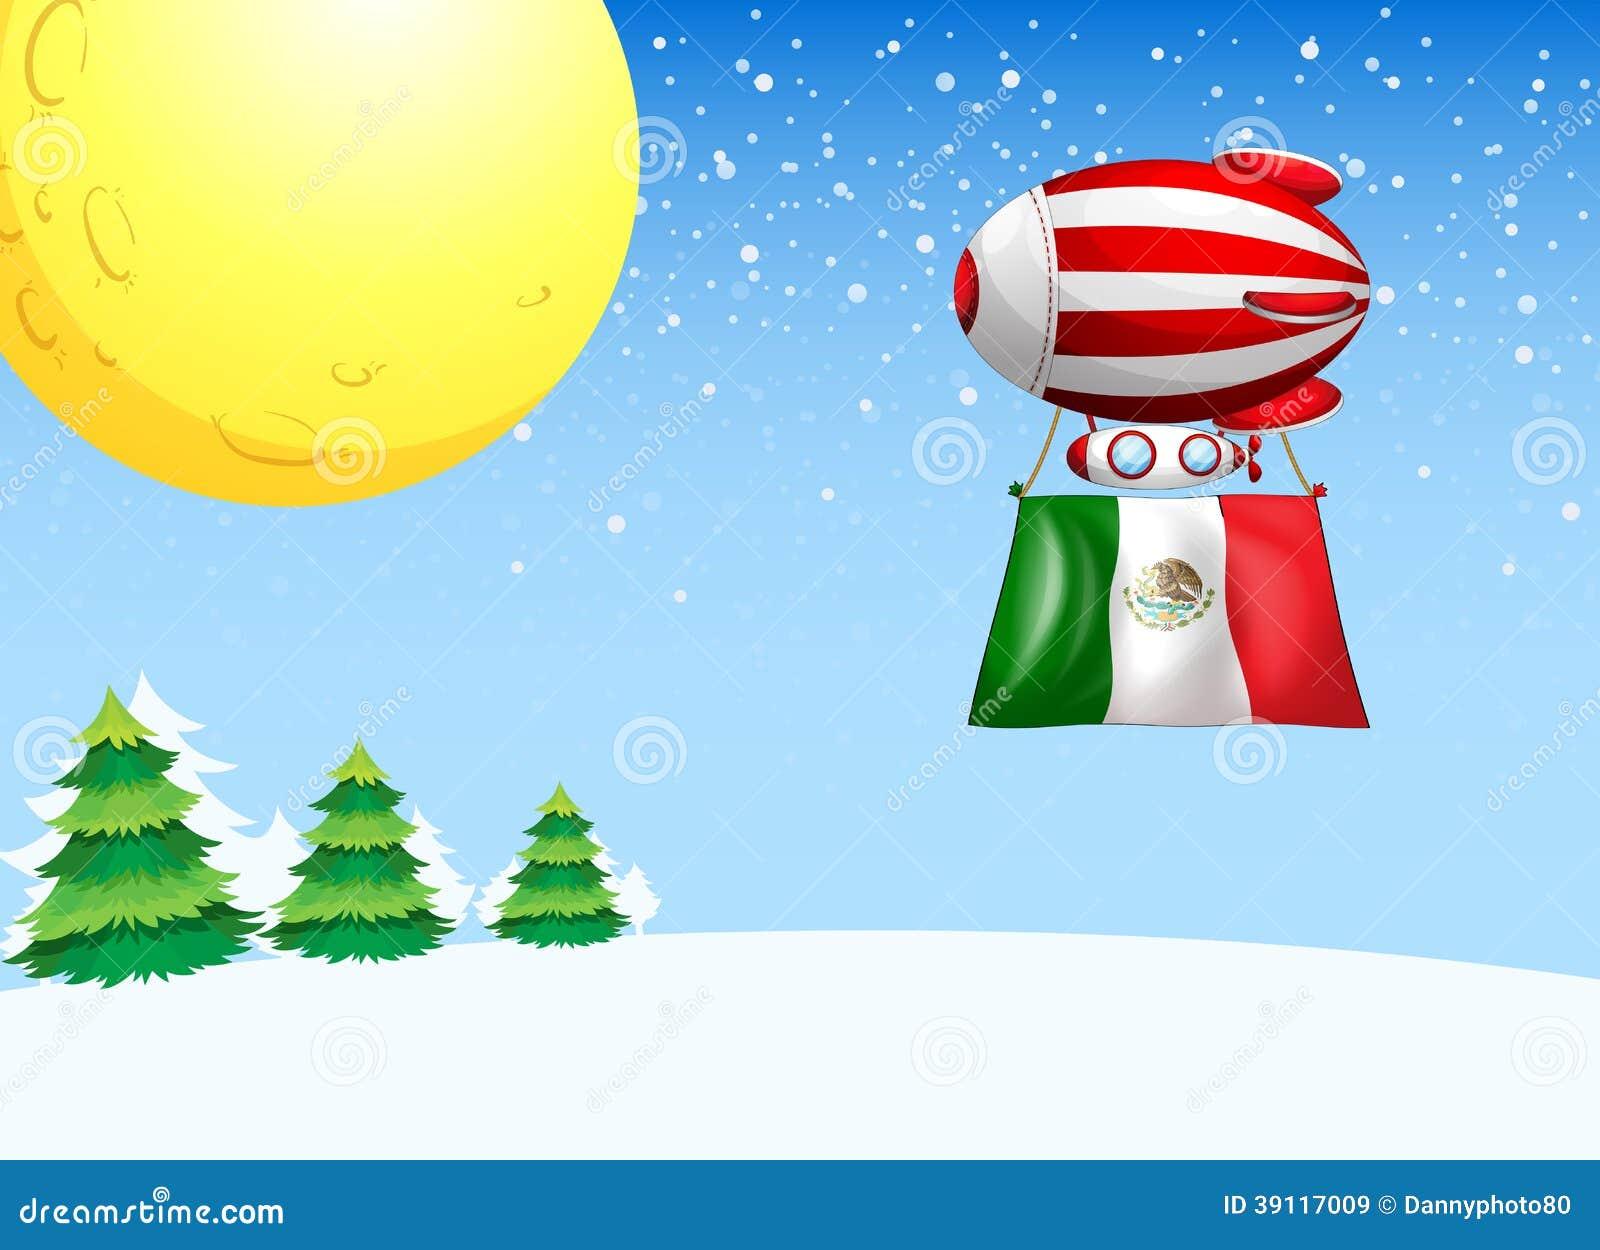 Een drijvende ballon die met de vlag van Mexico vliegen